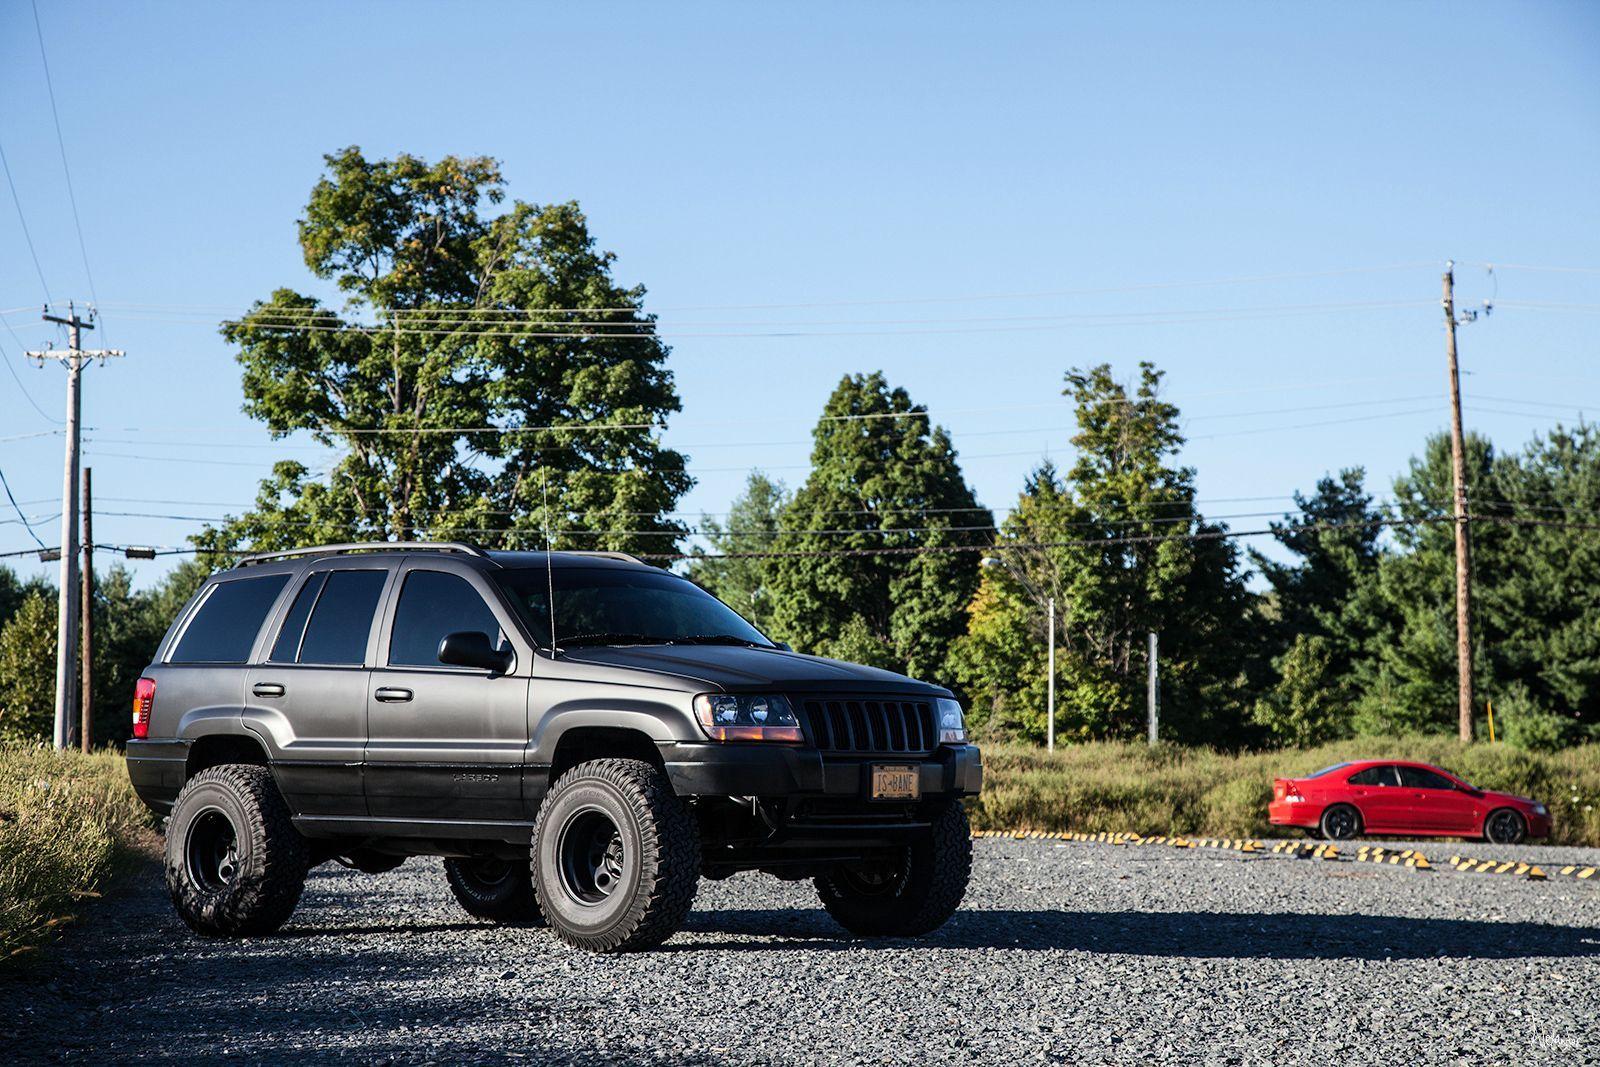 Matte Black 2004 Wj Jeep Full Dip Transformation Jeep Wj Jeep